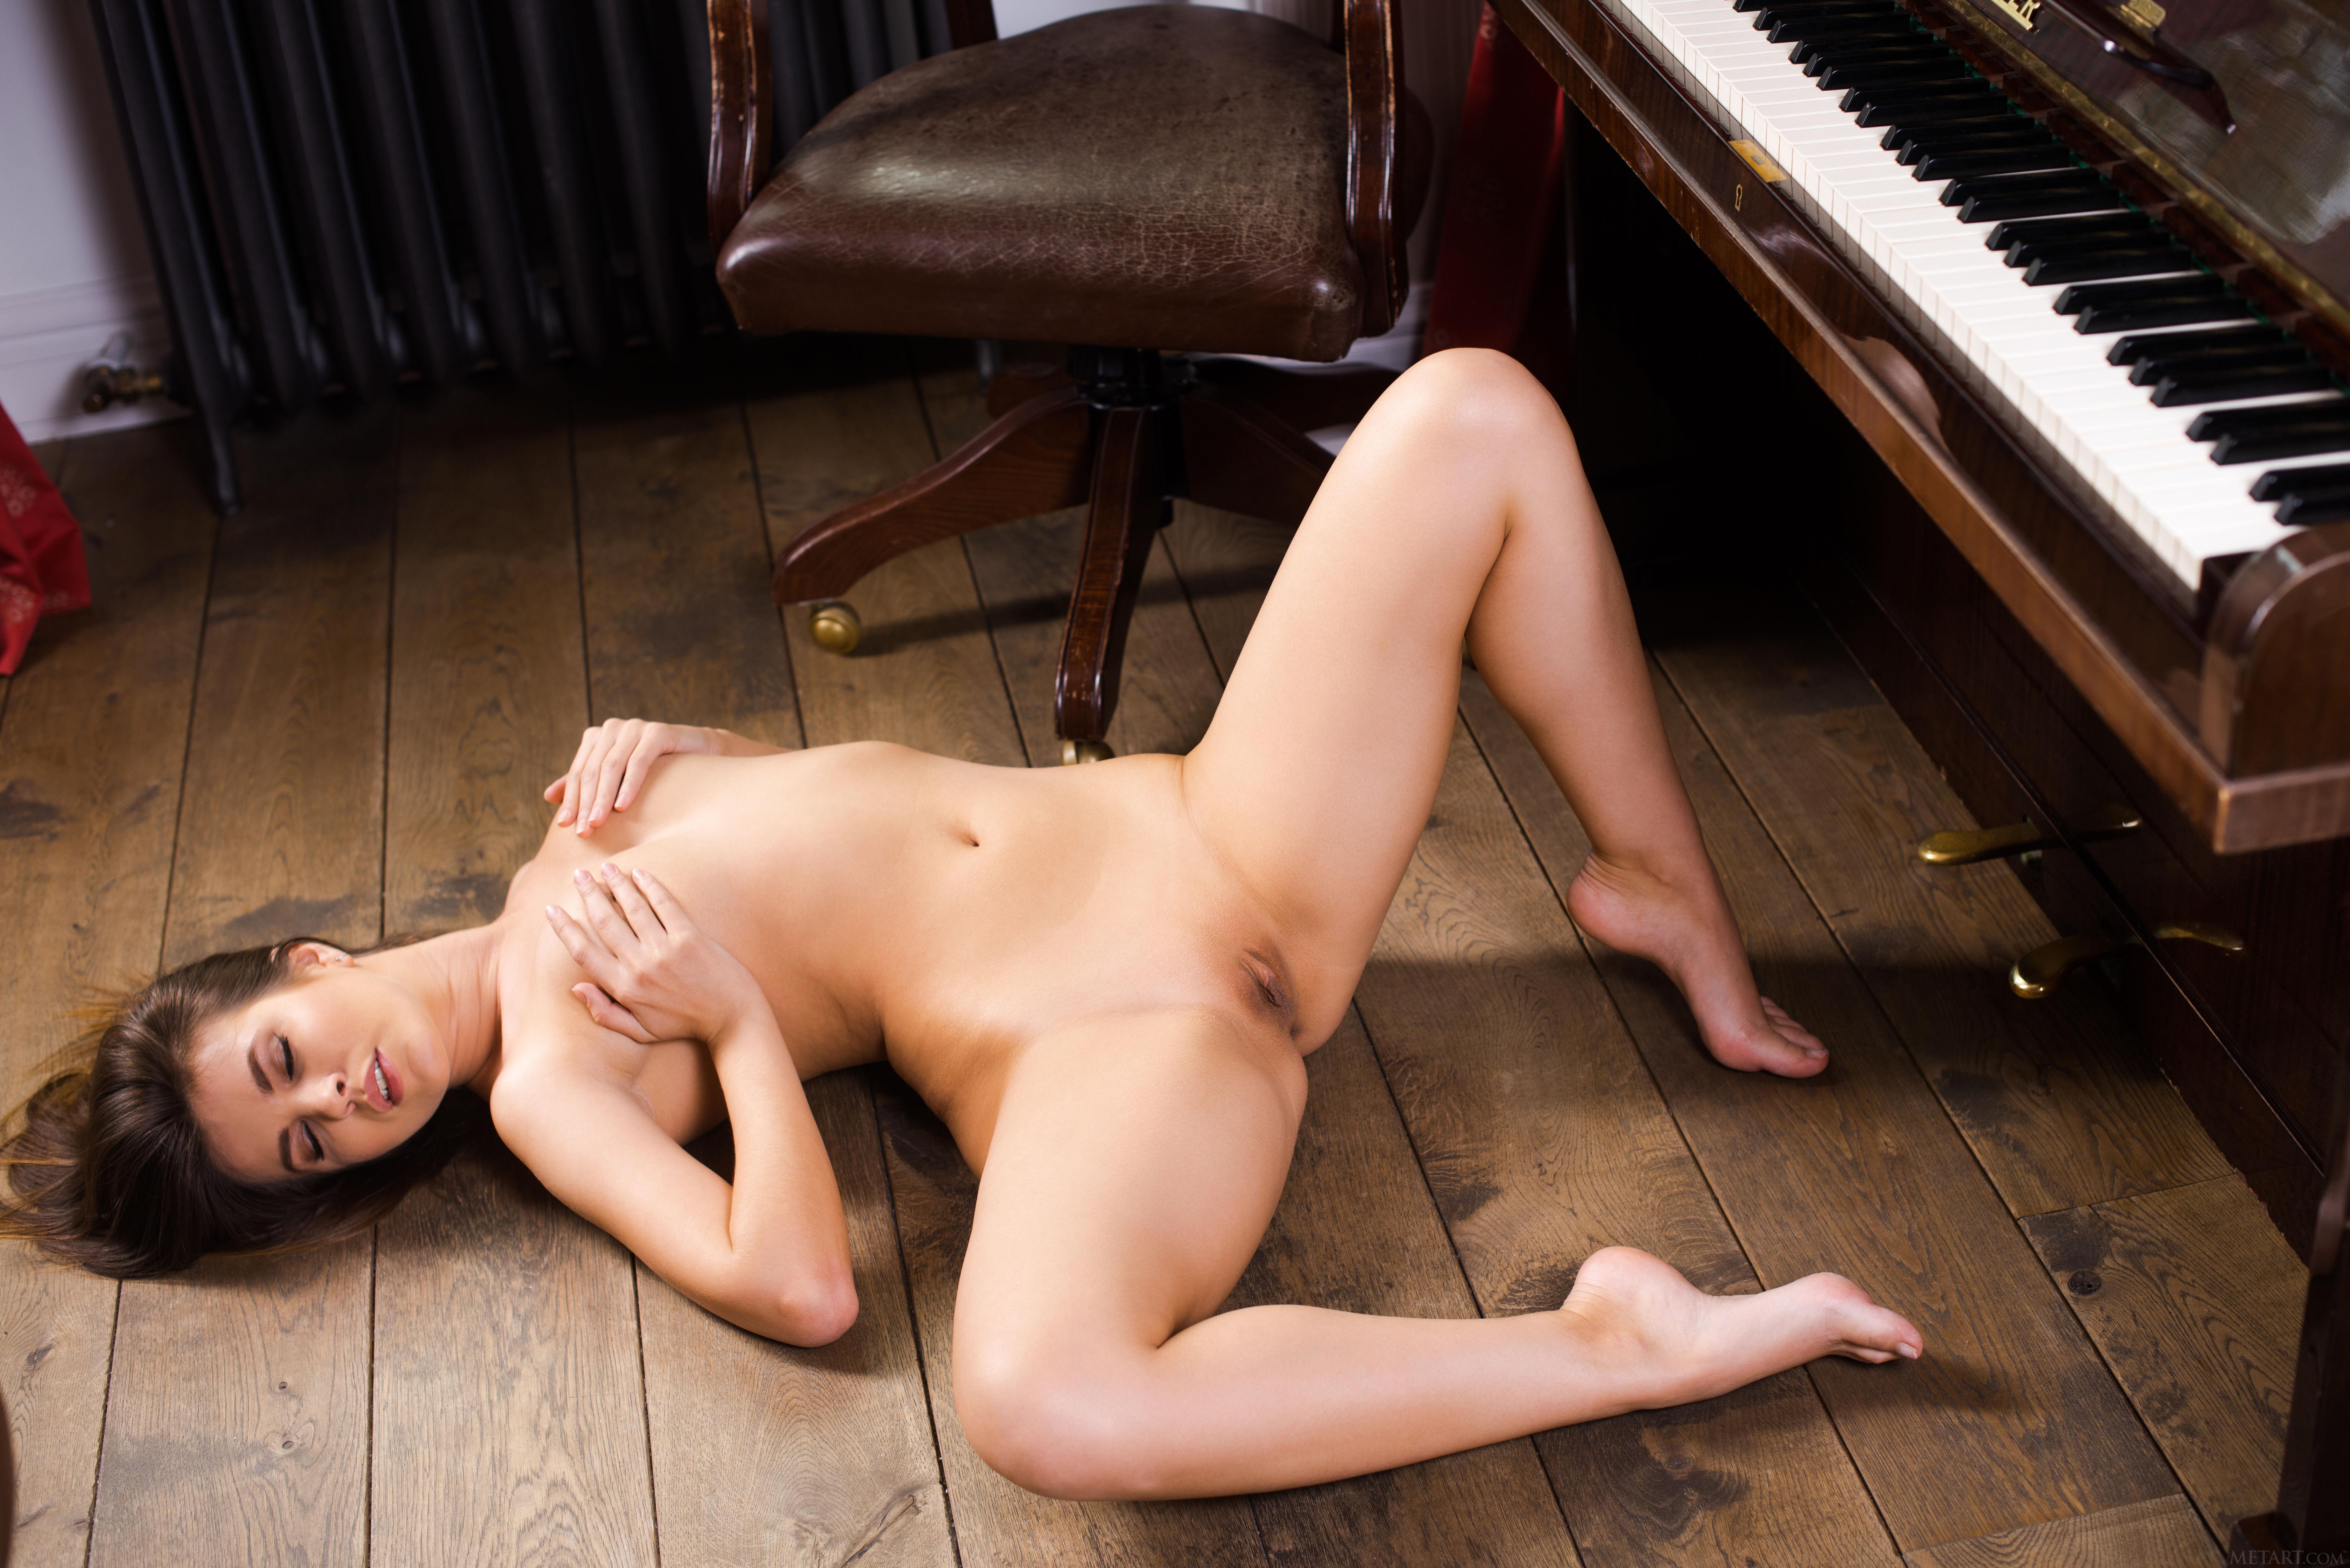 Piano pussy